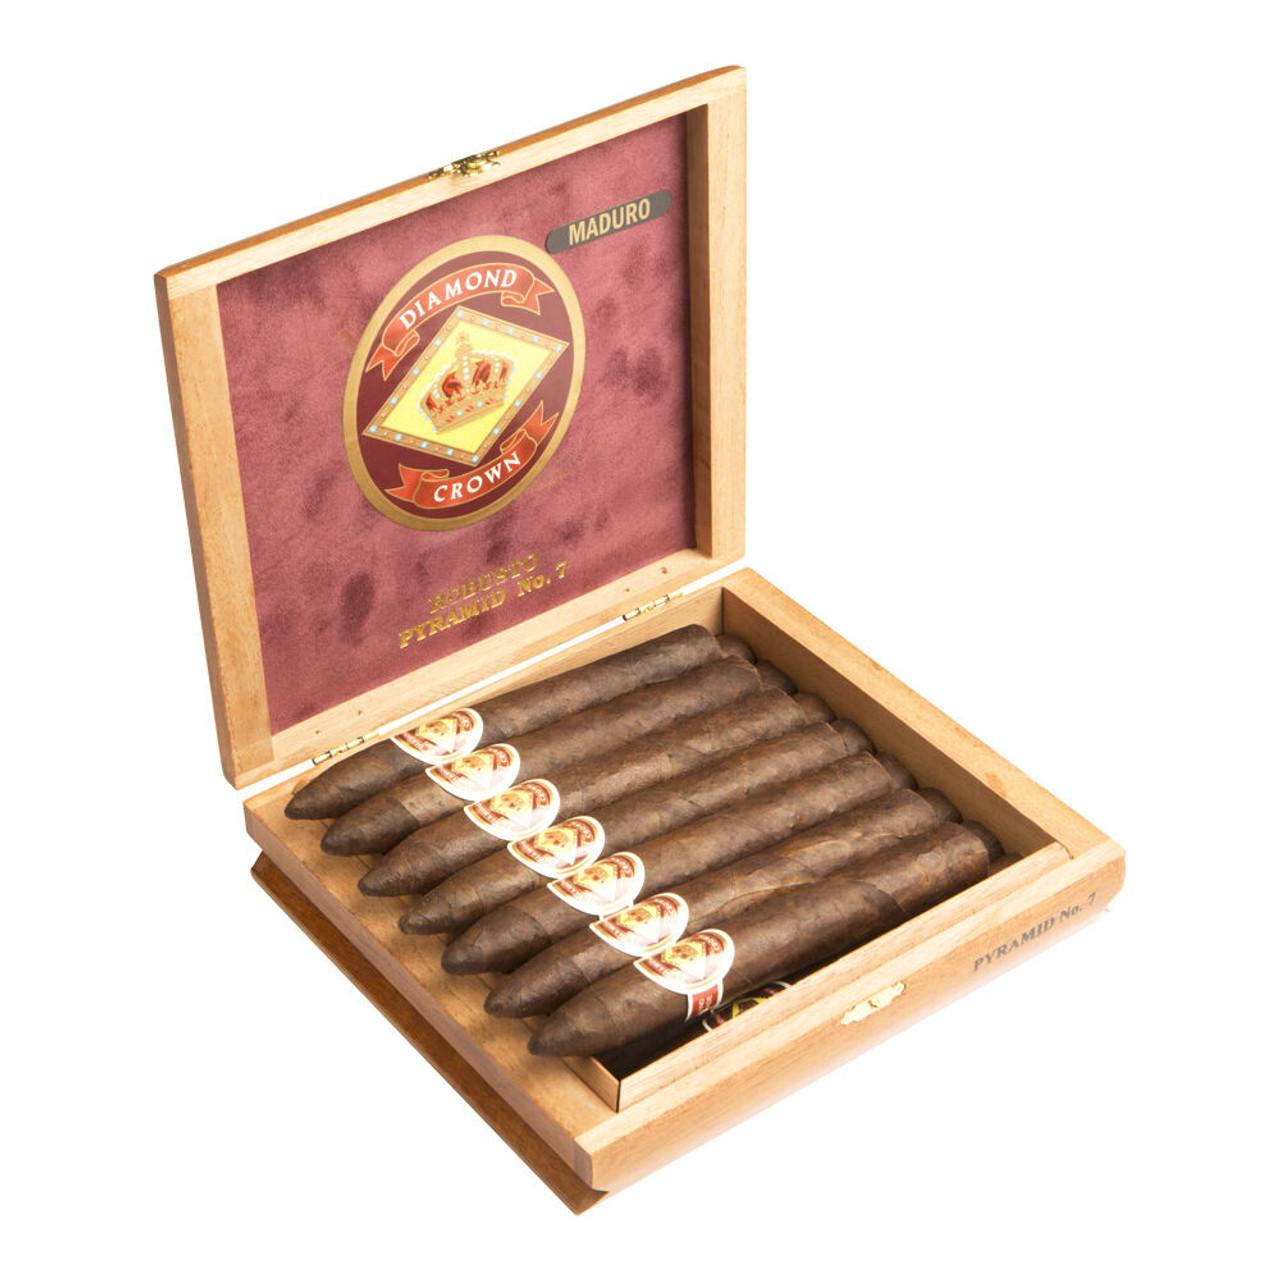 Diamond Crown Figurado No. 6 Cigars - 6 x 64 (Box of 15)